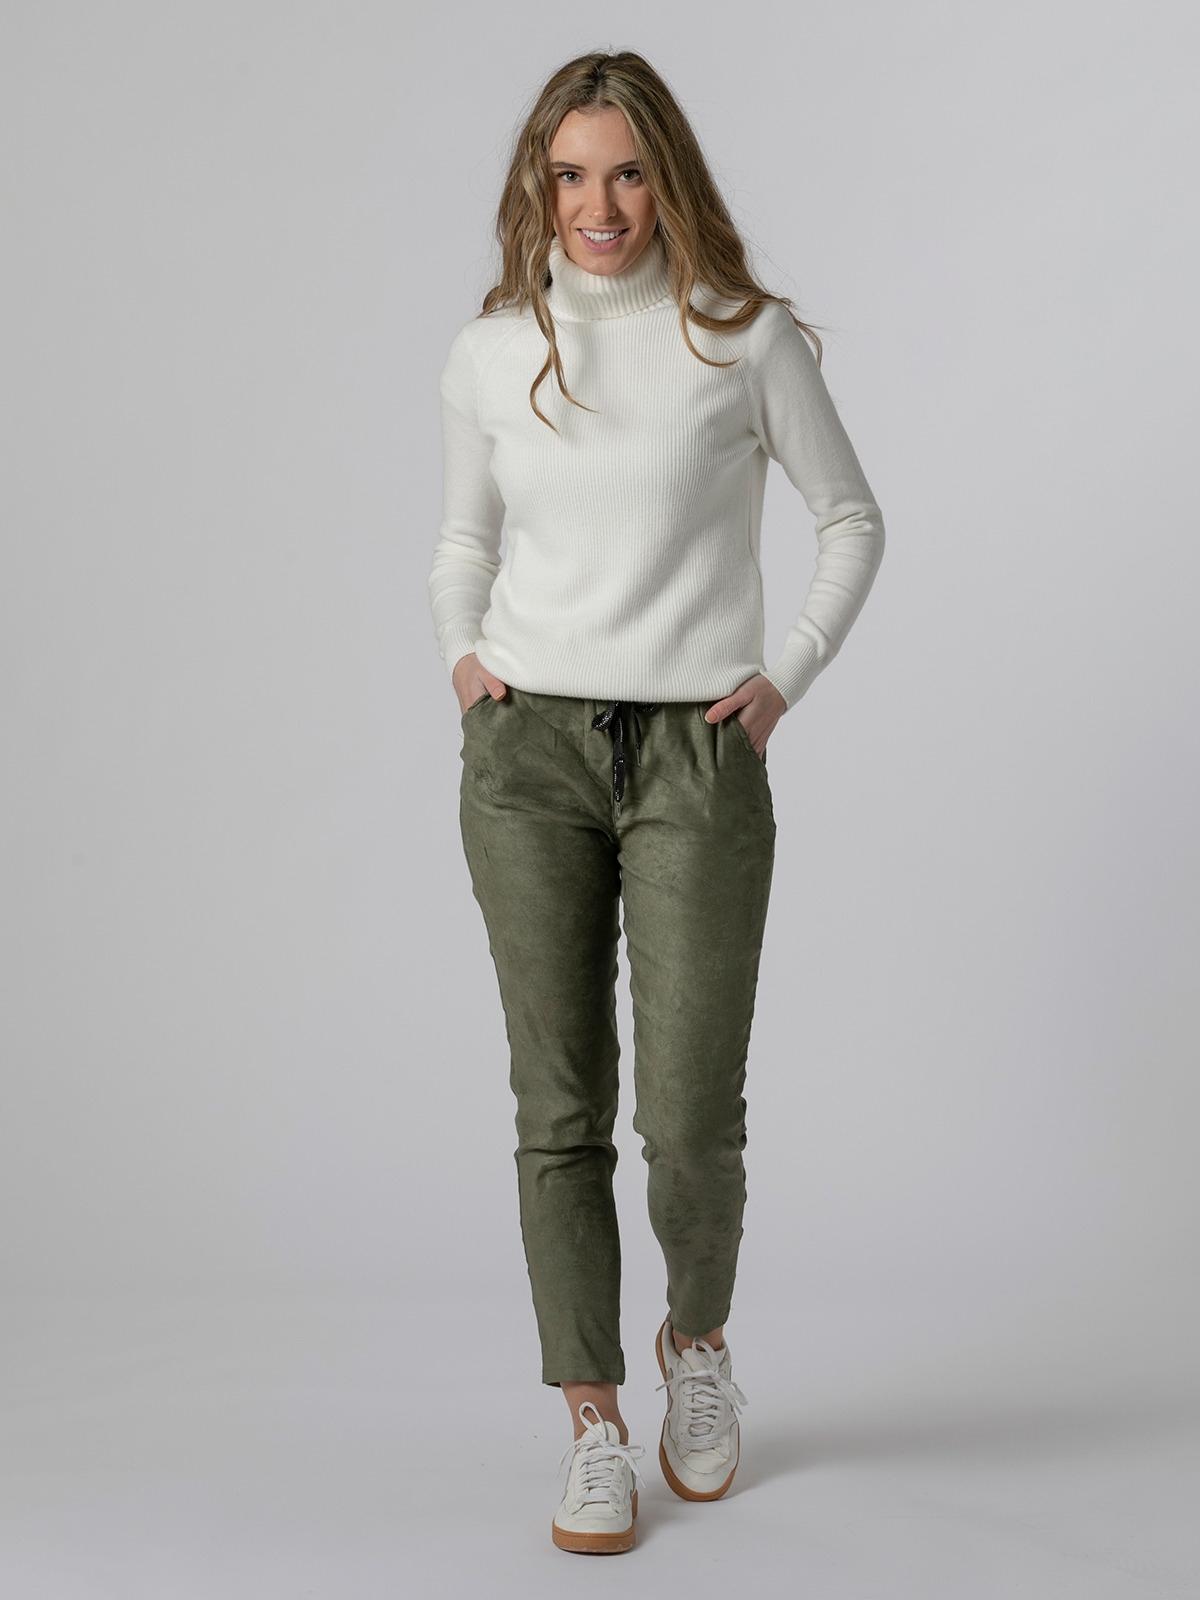 Pantalón mujer sport goma tinte ecológico Caqui